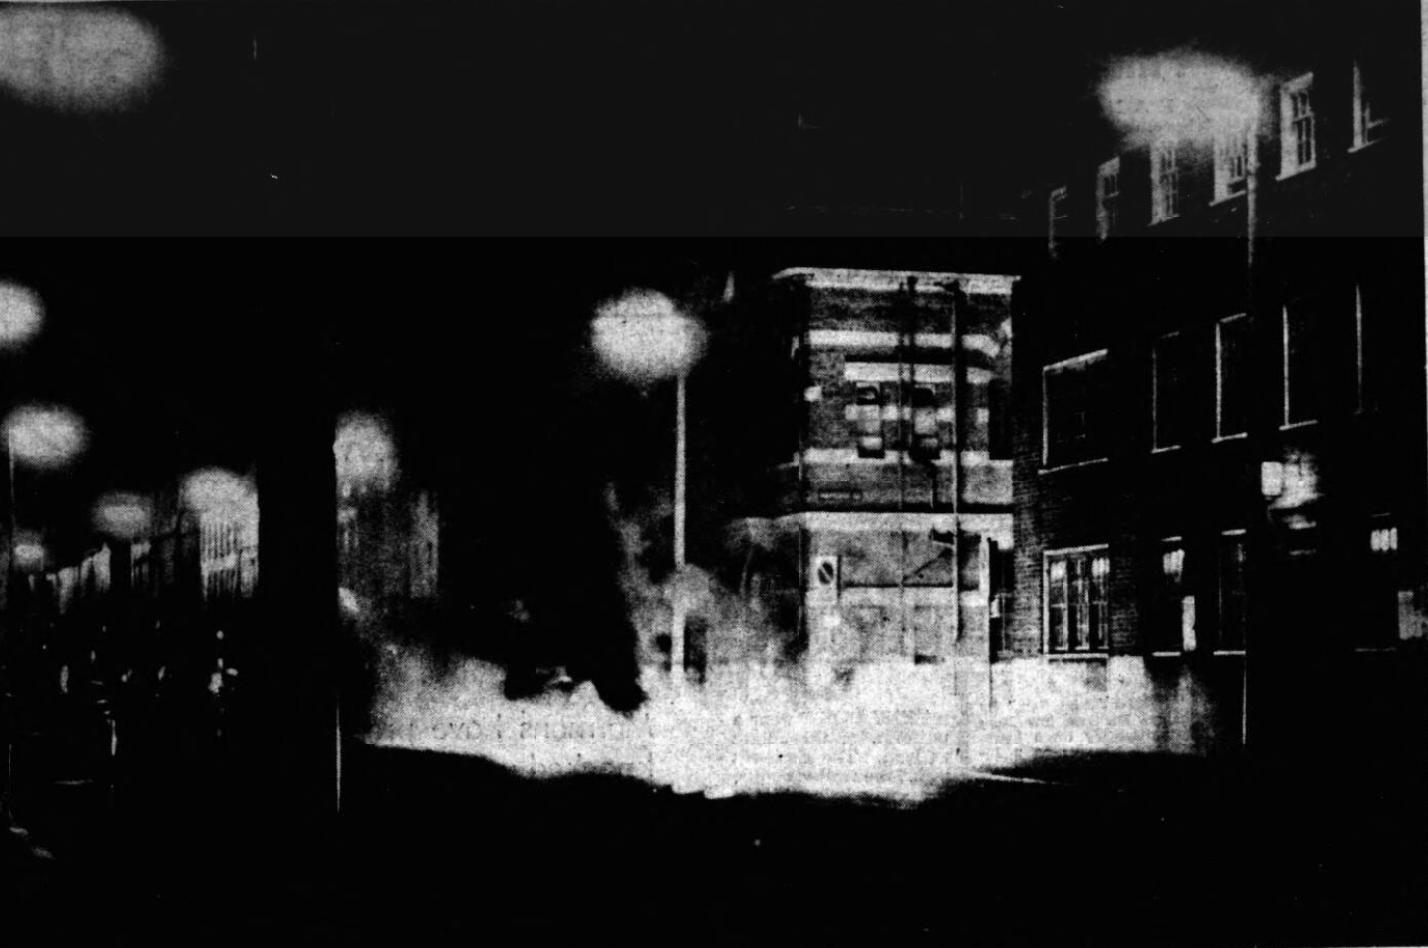 Hastings St 13.14 Aug 1969